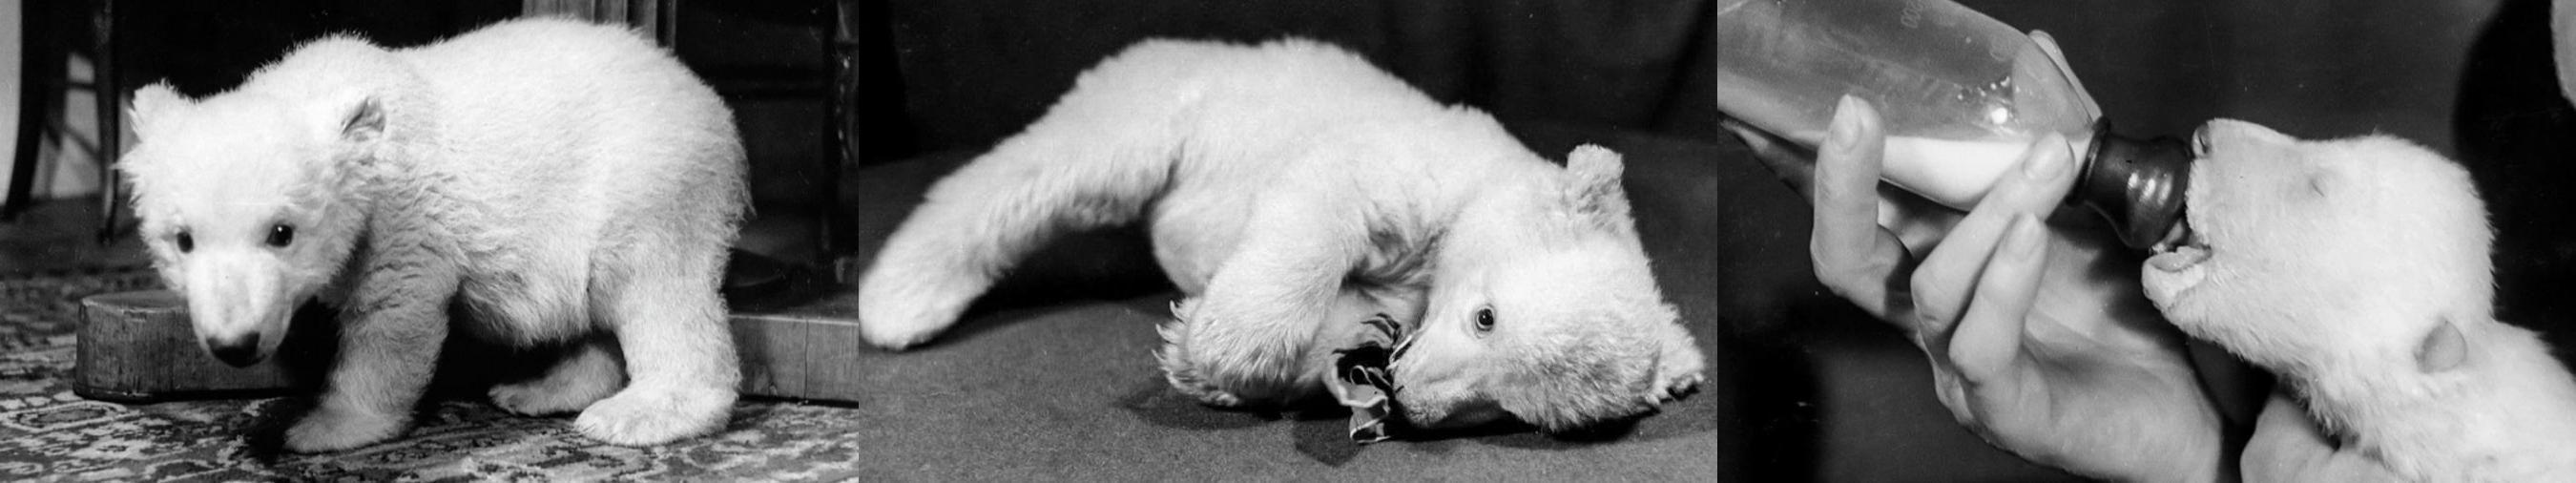 ursoo